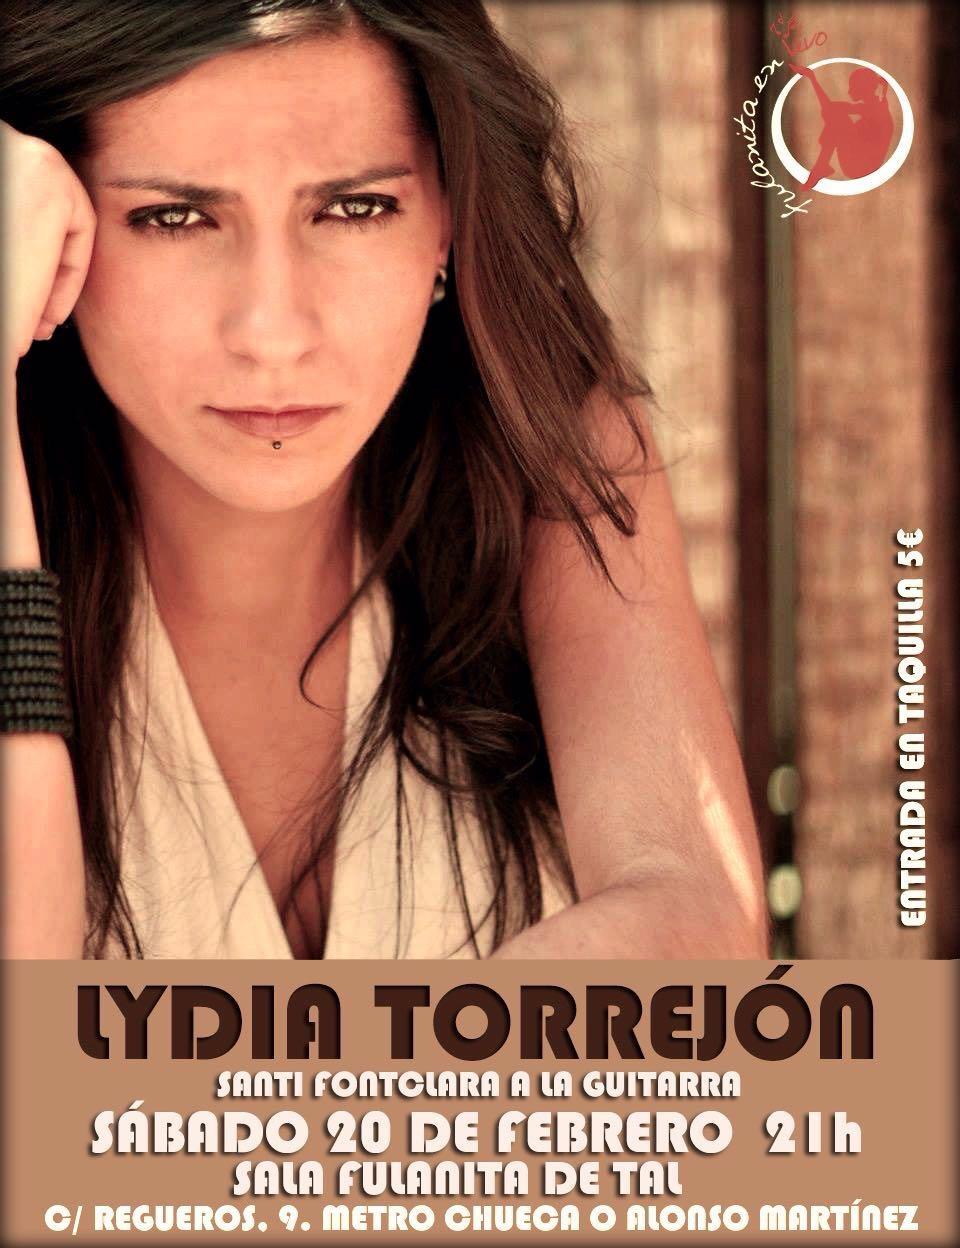 Concierto Madrid Lydia Torrejon